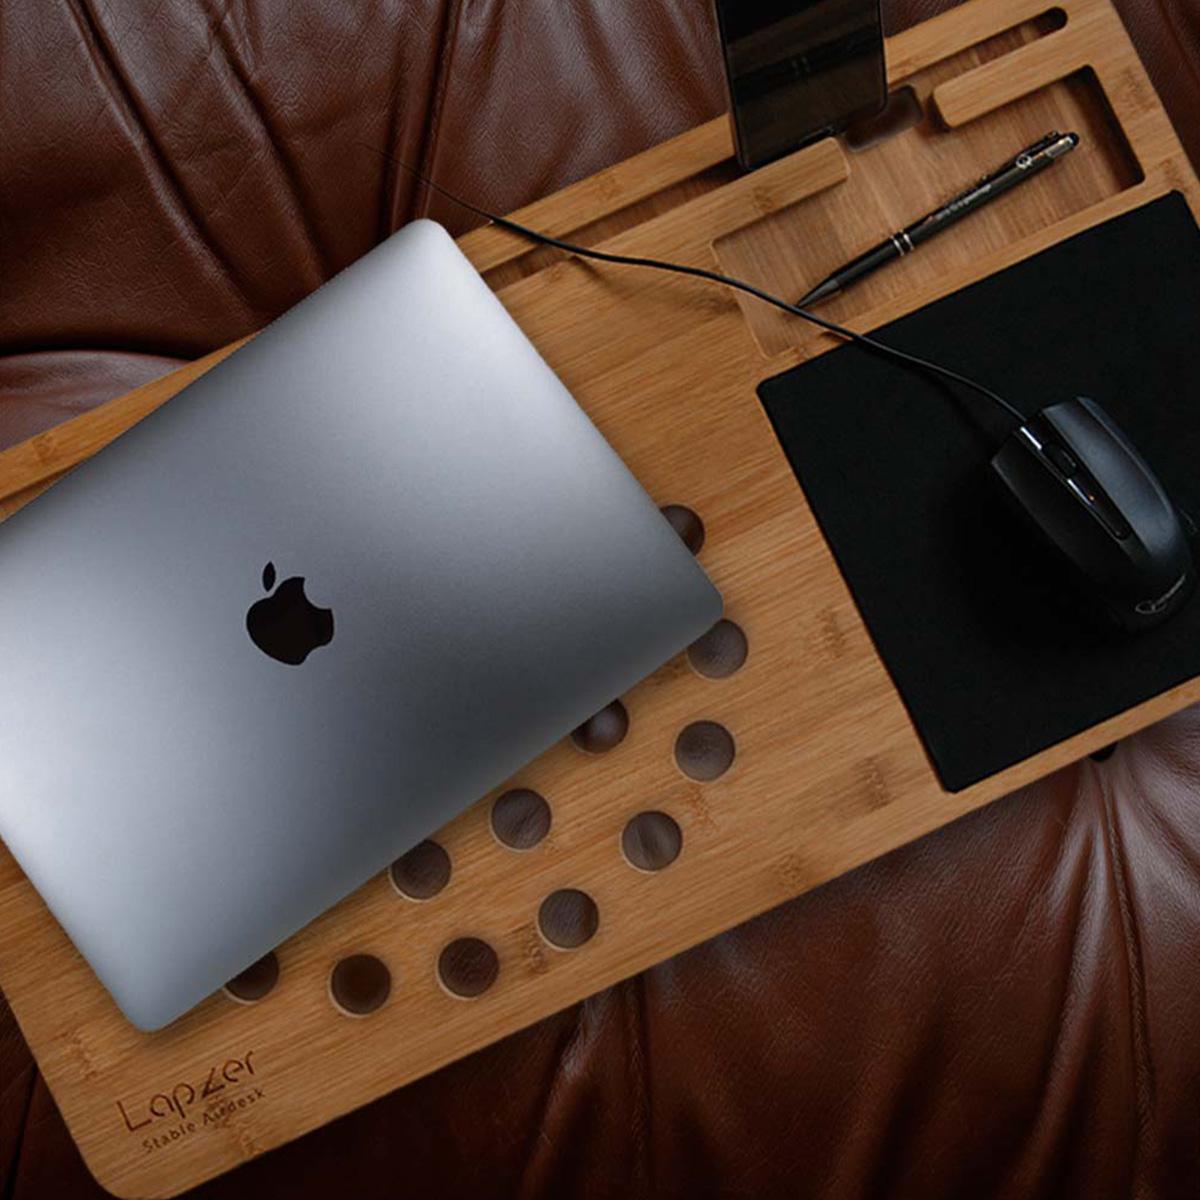 Regali compleanno per lei - Supporto in legno per PC portatili - Lapzer eb680bd8c58